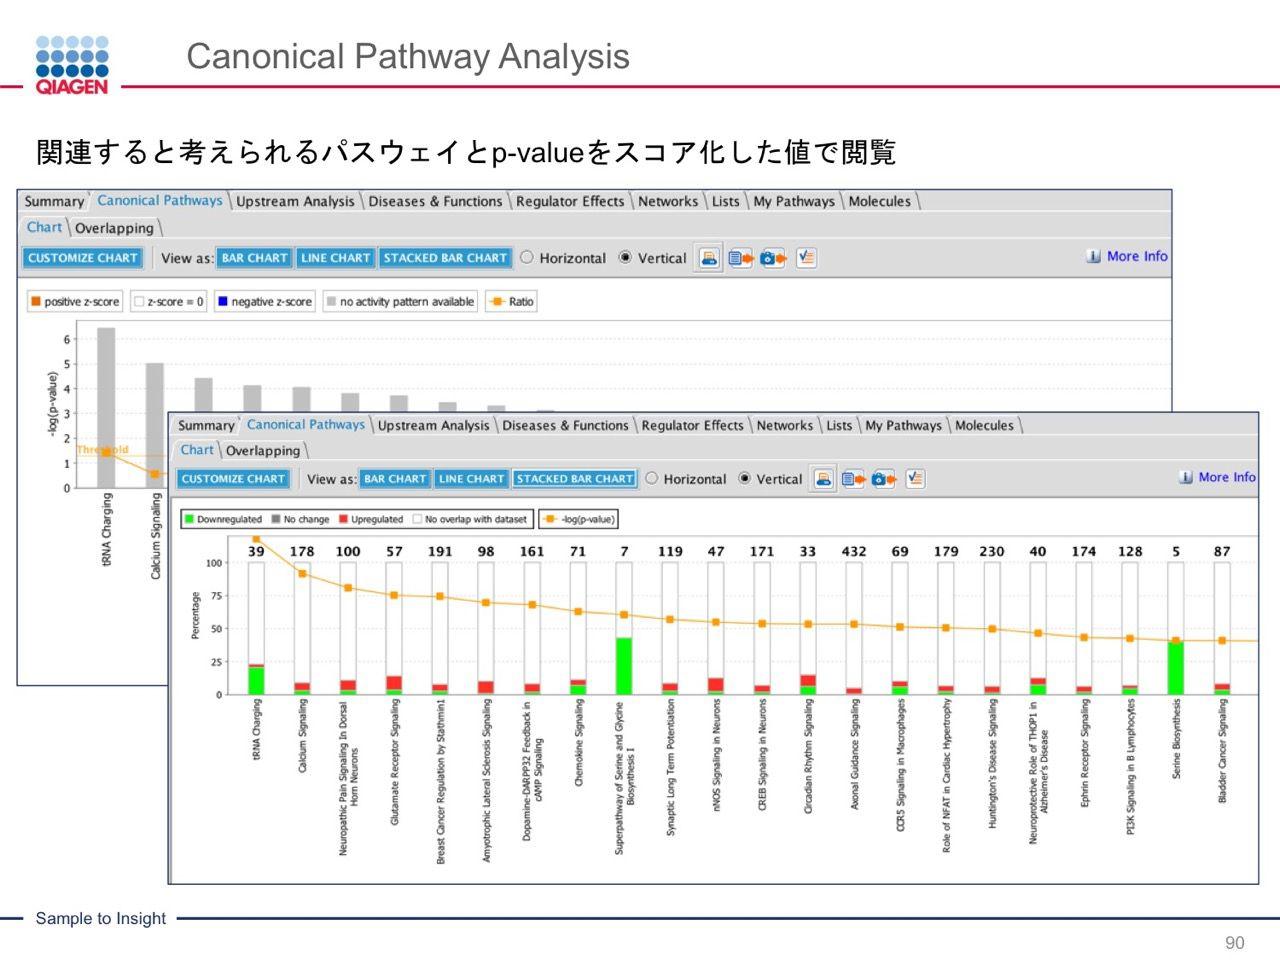 images/AJACSa2_miyamoto_090.jpg